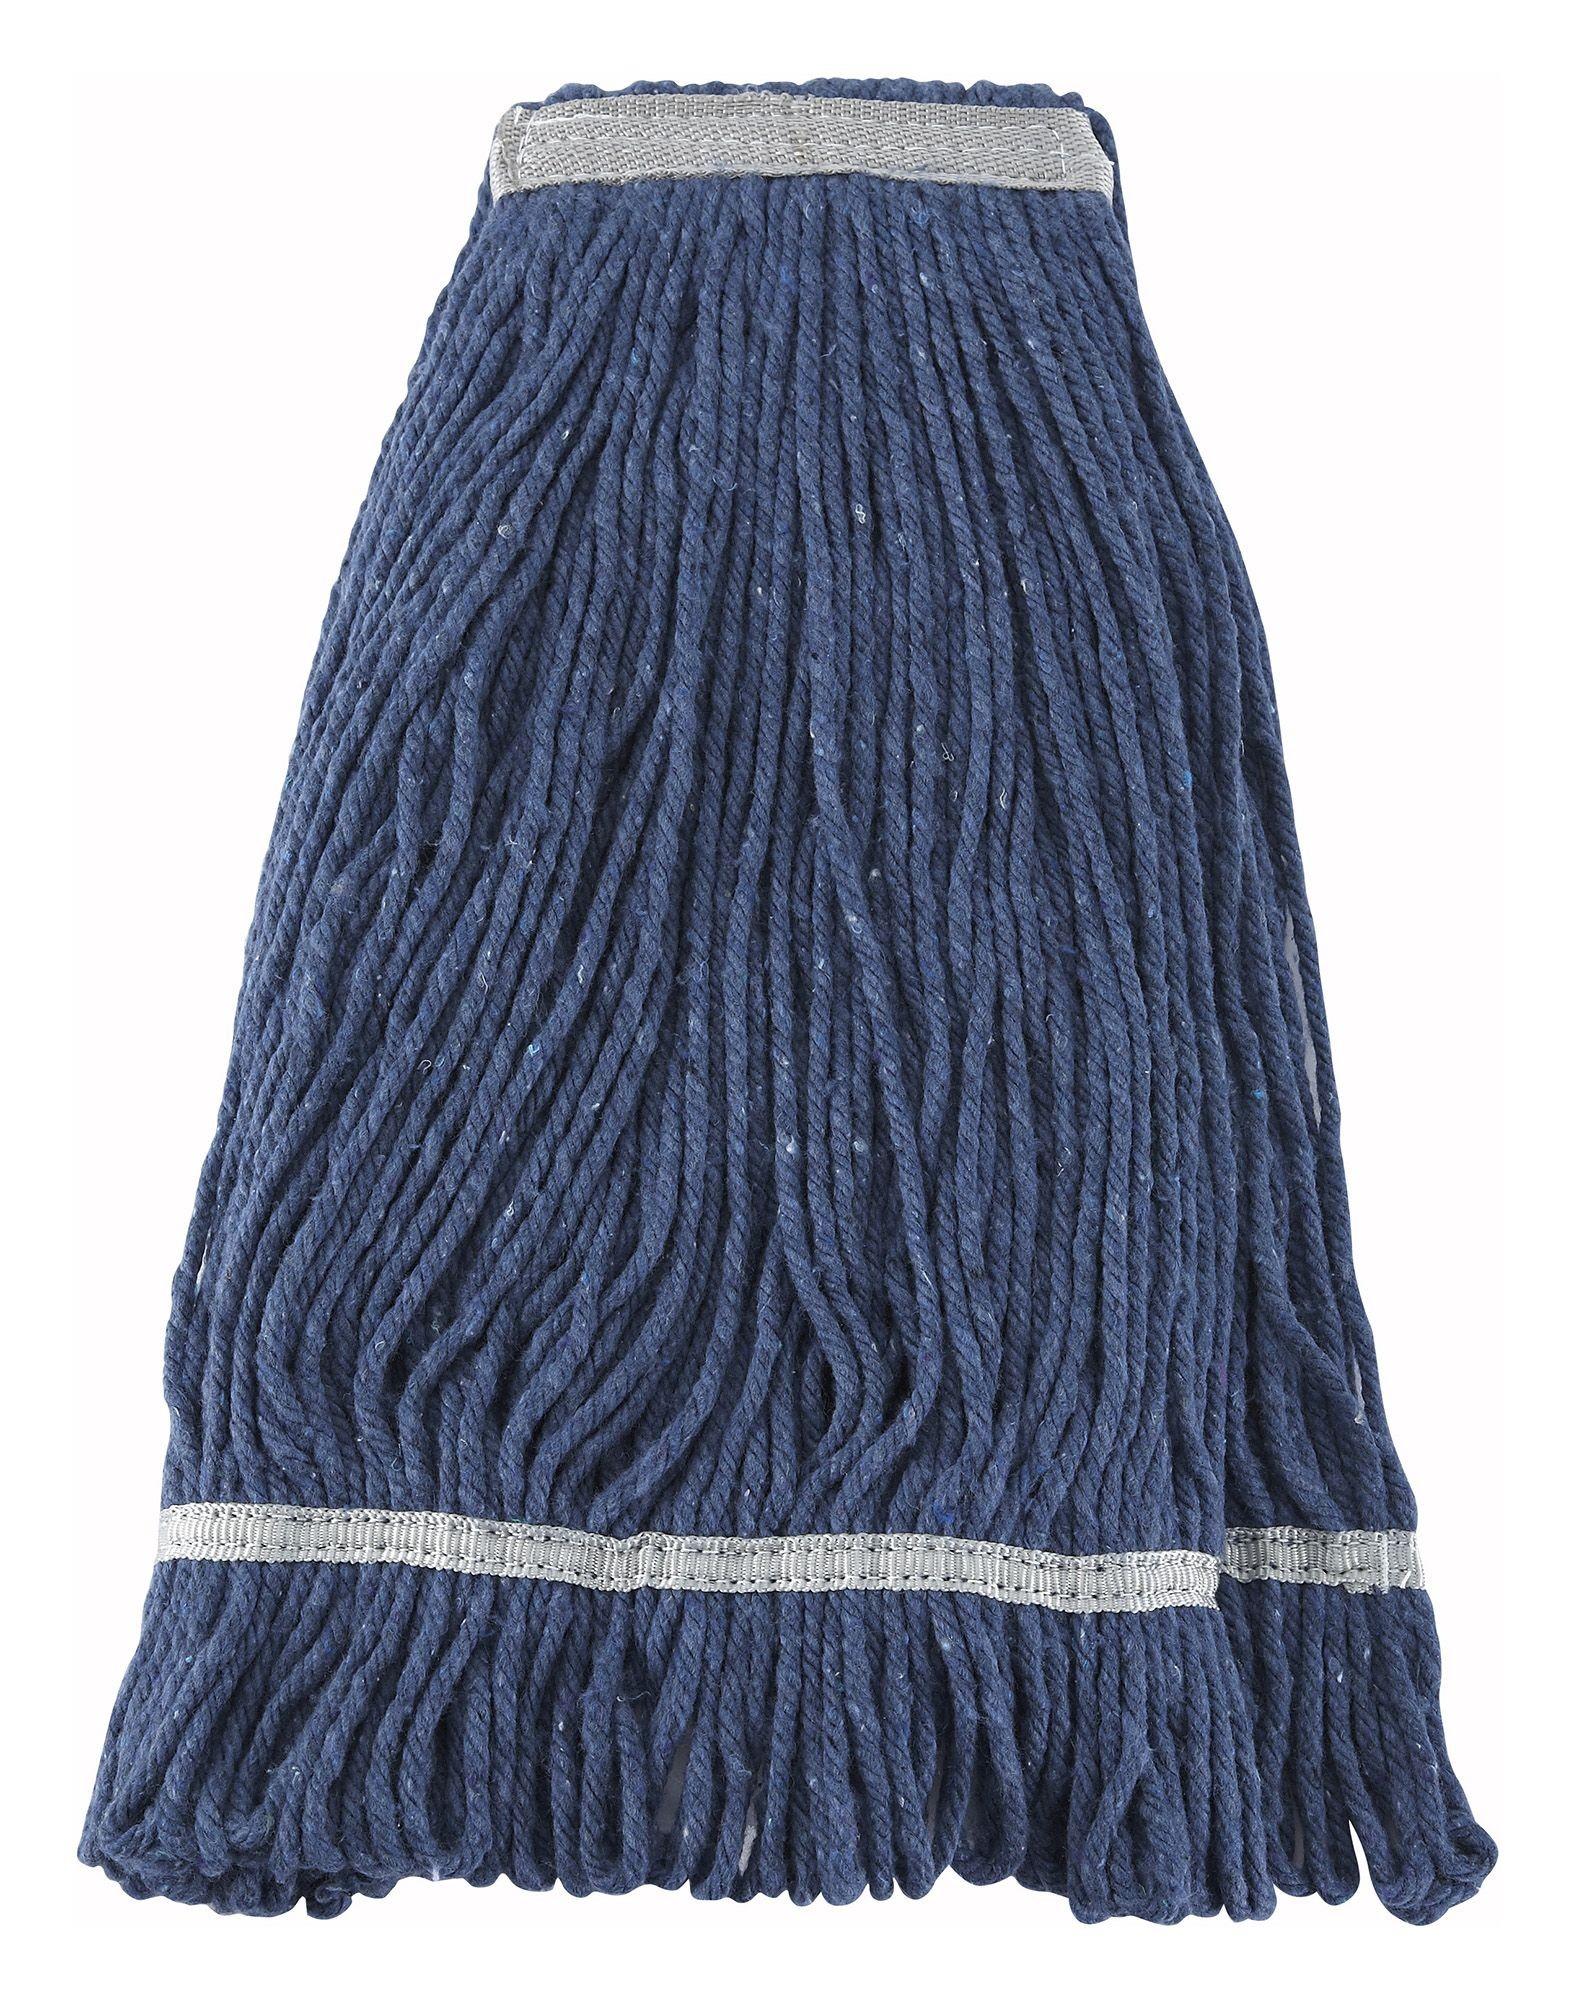 Winco MOP-24 Blue Yarn Looped-End Wet Mop Head 600g, 24 oz.